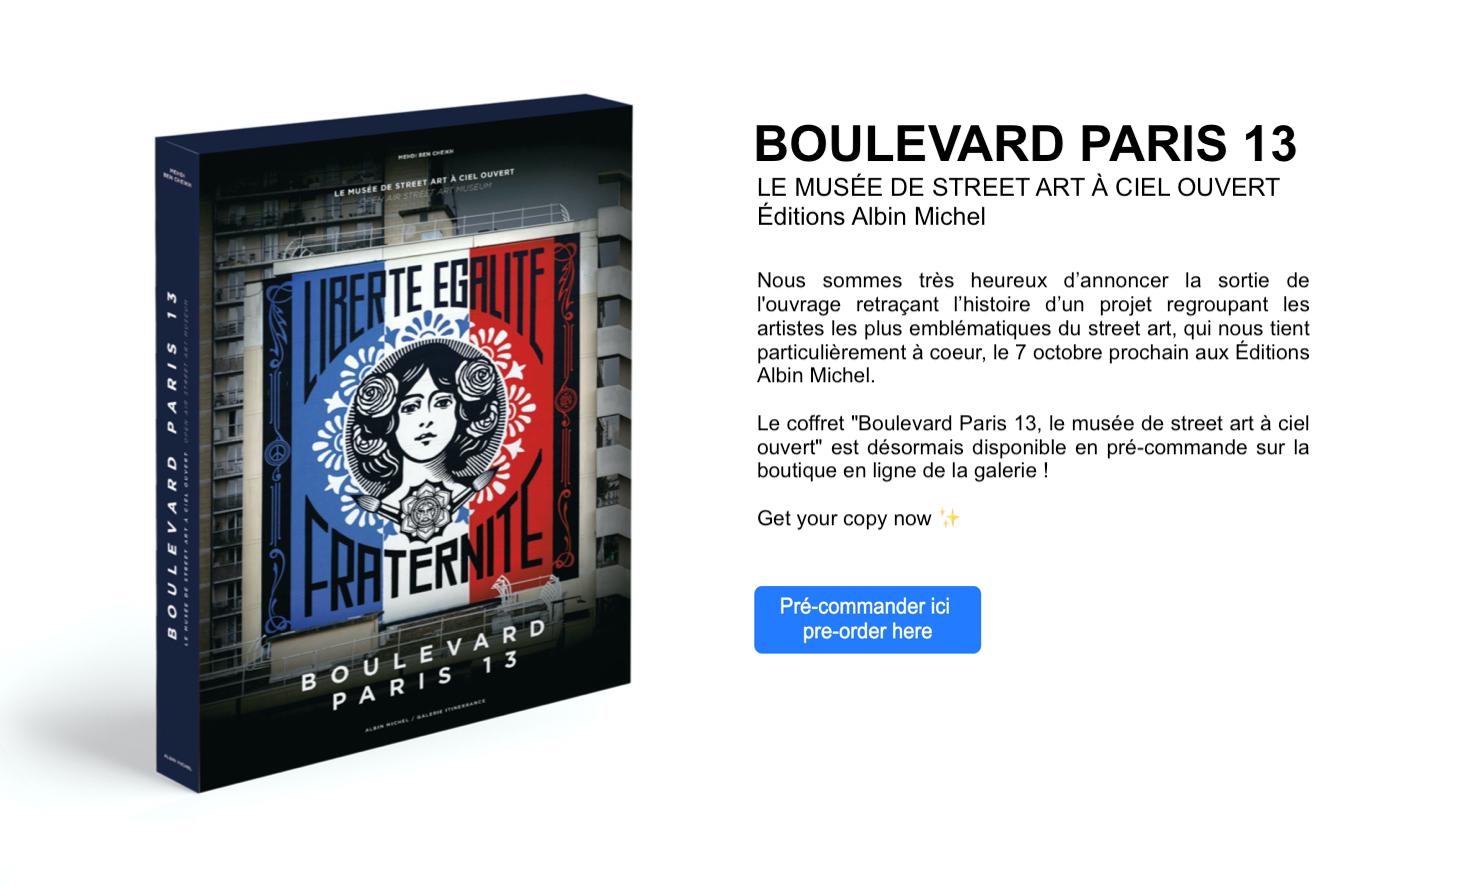 Coffret Boulevard Paris 13